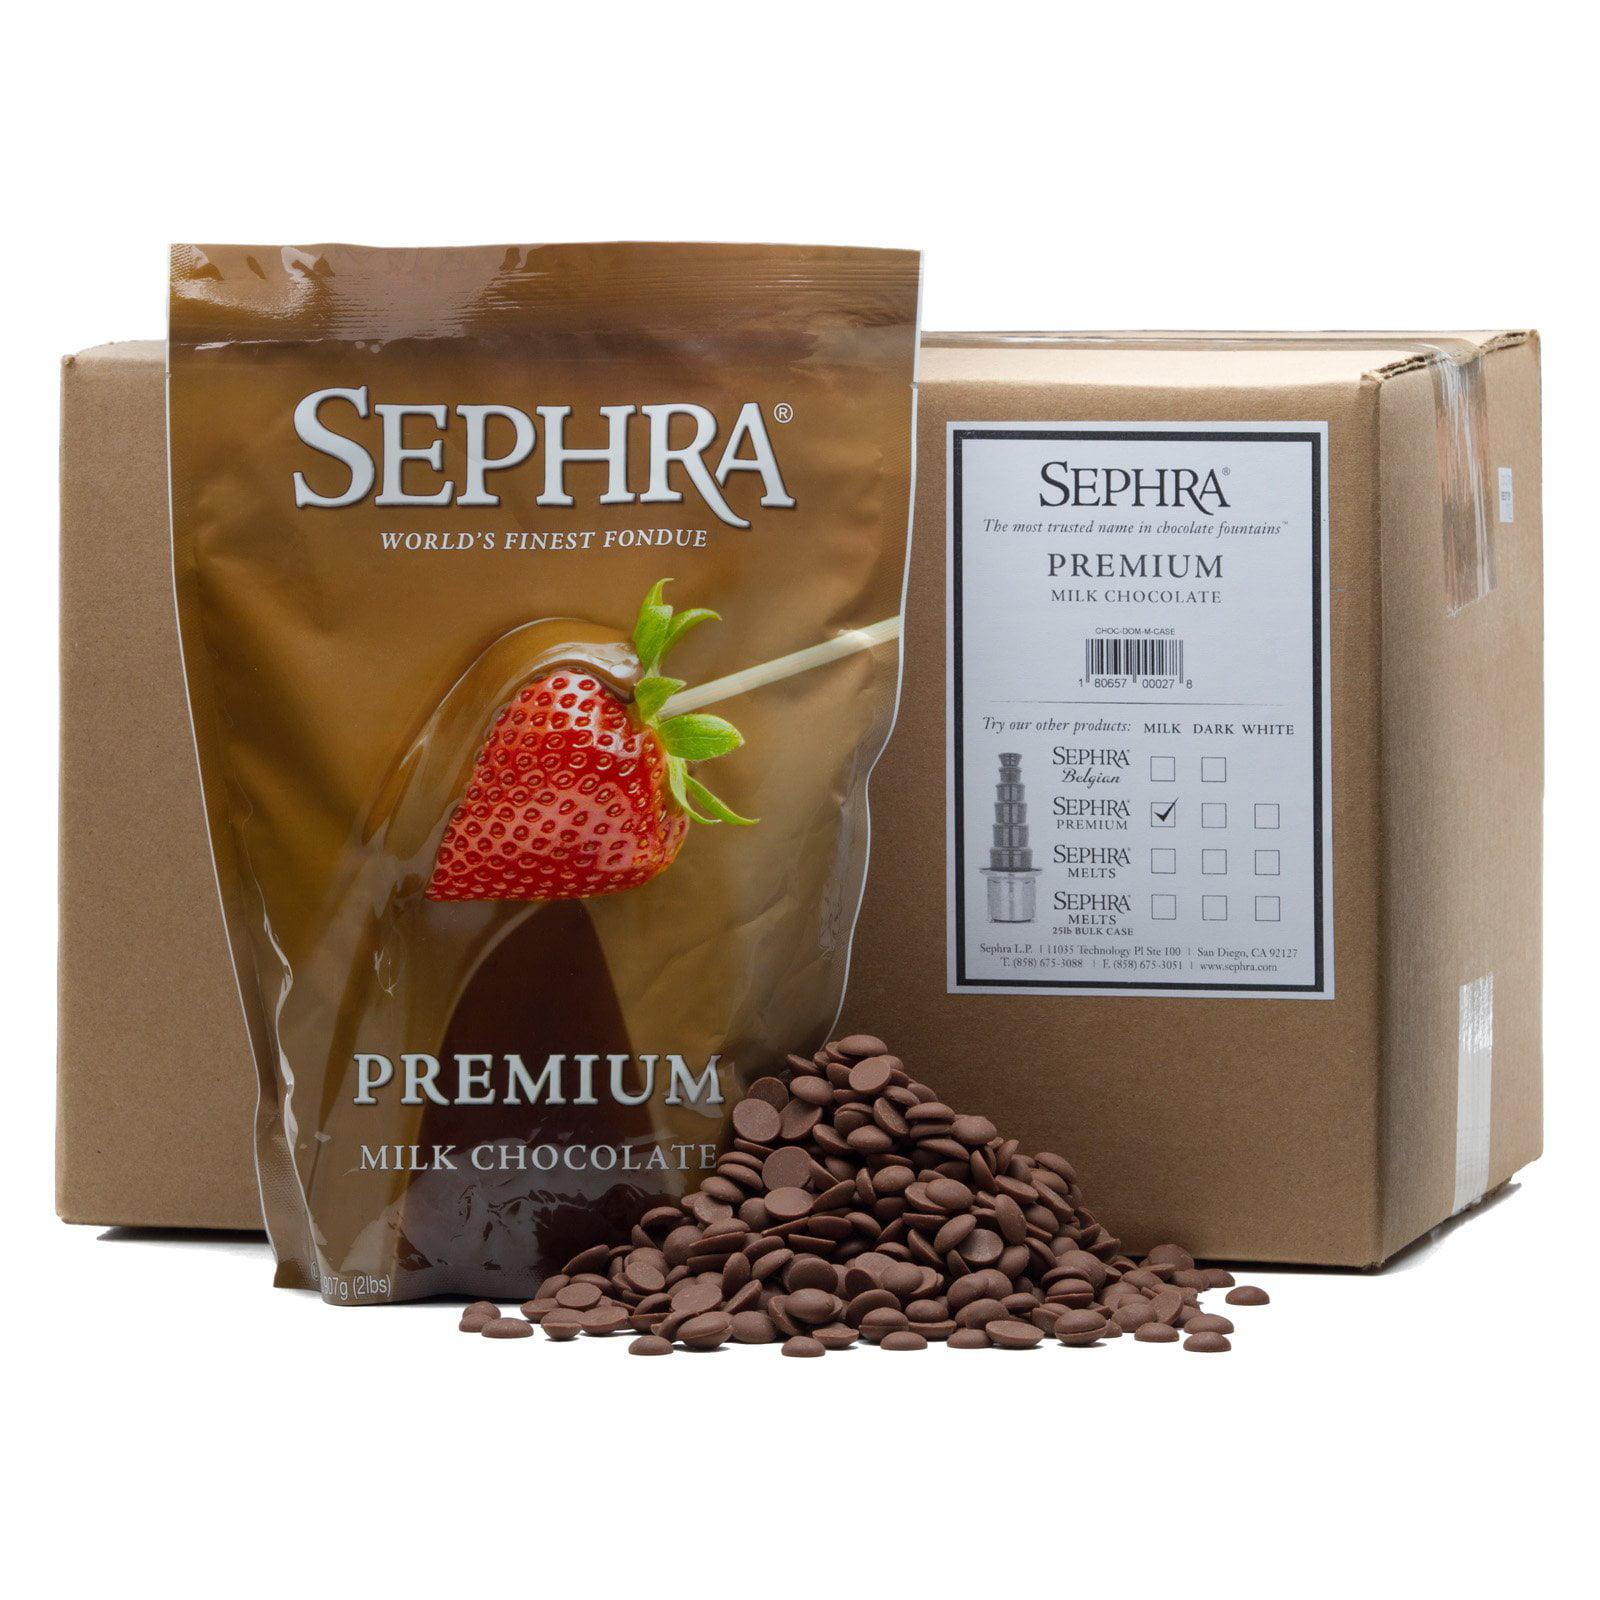 Sephra Premium Milk Chocolate